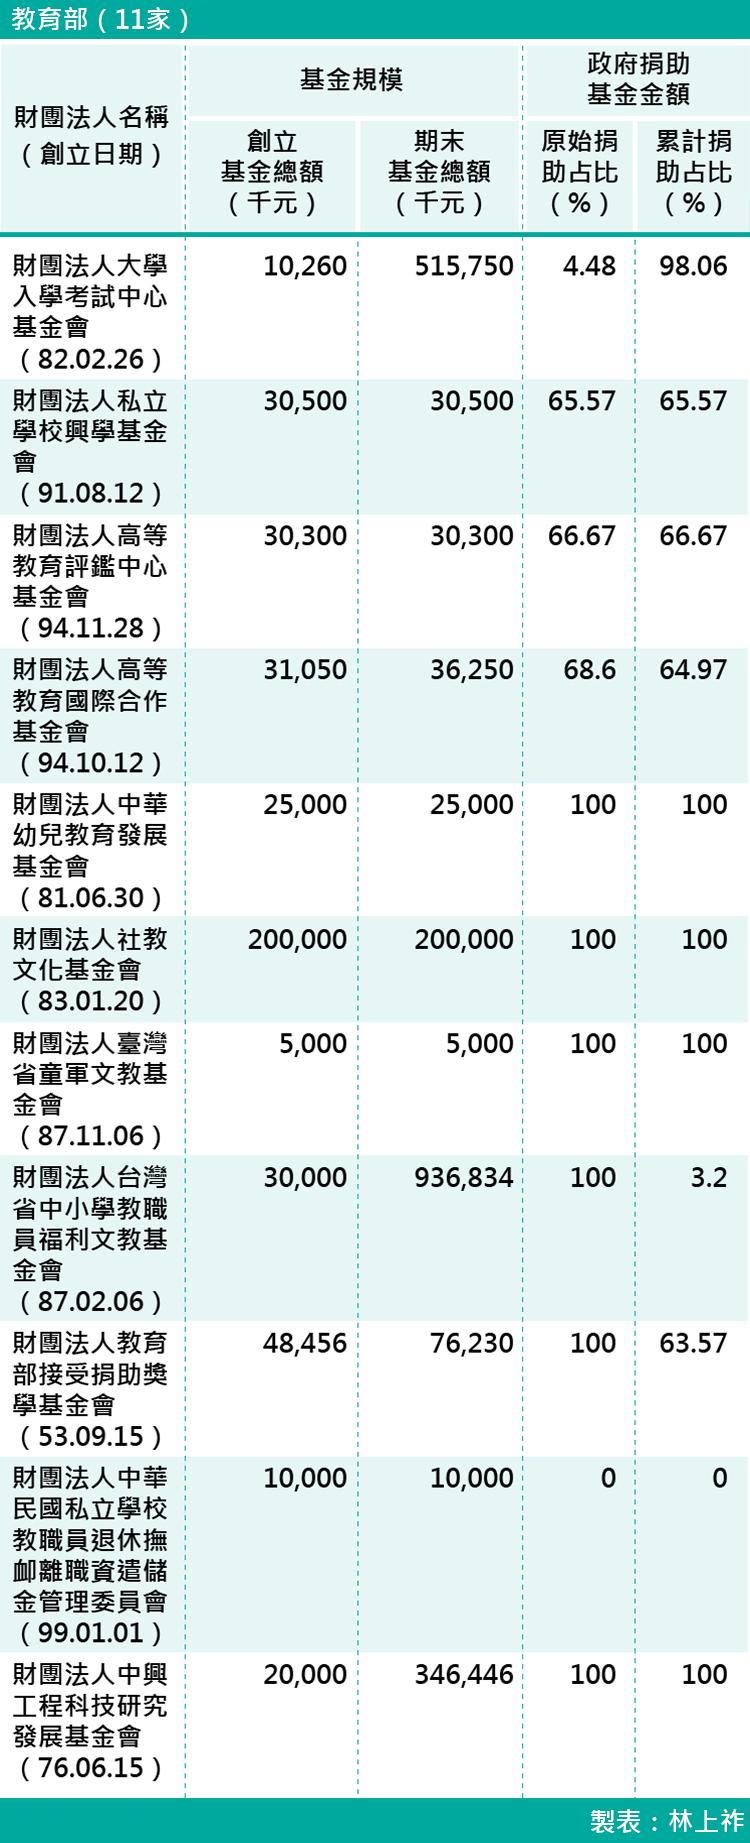 04-各部會下轄財團法人基金規模-教育部(11家)